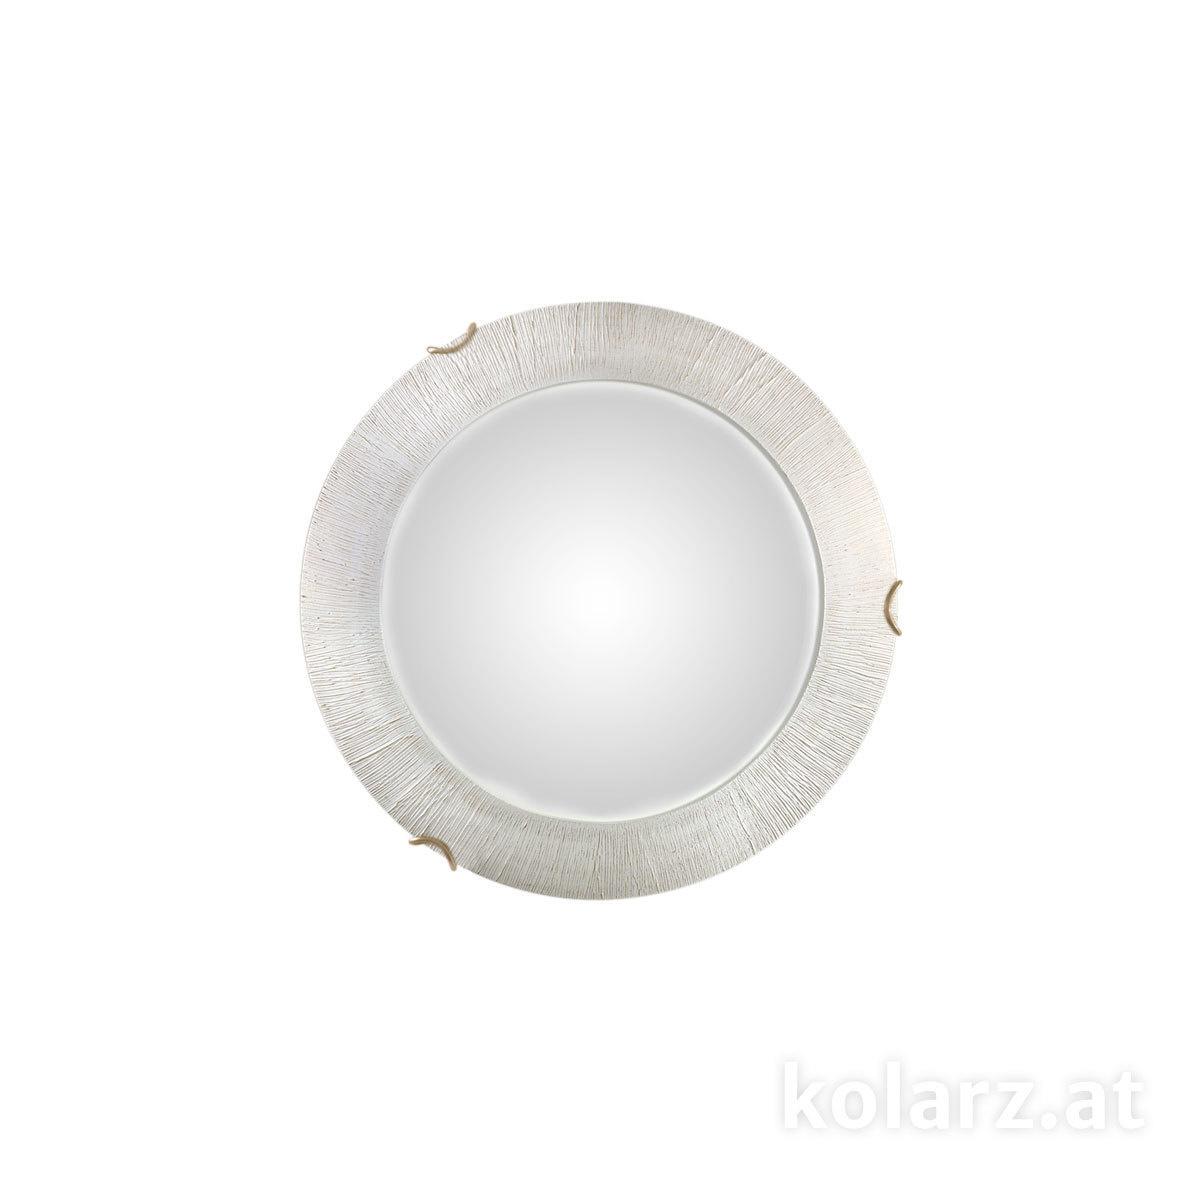 A1306-11-3-SunWg-f1.jpg